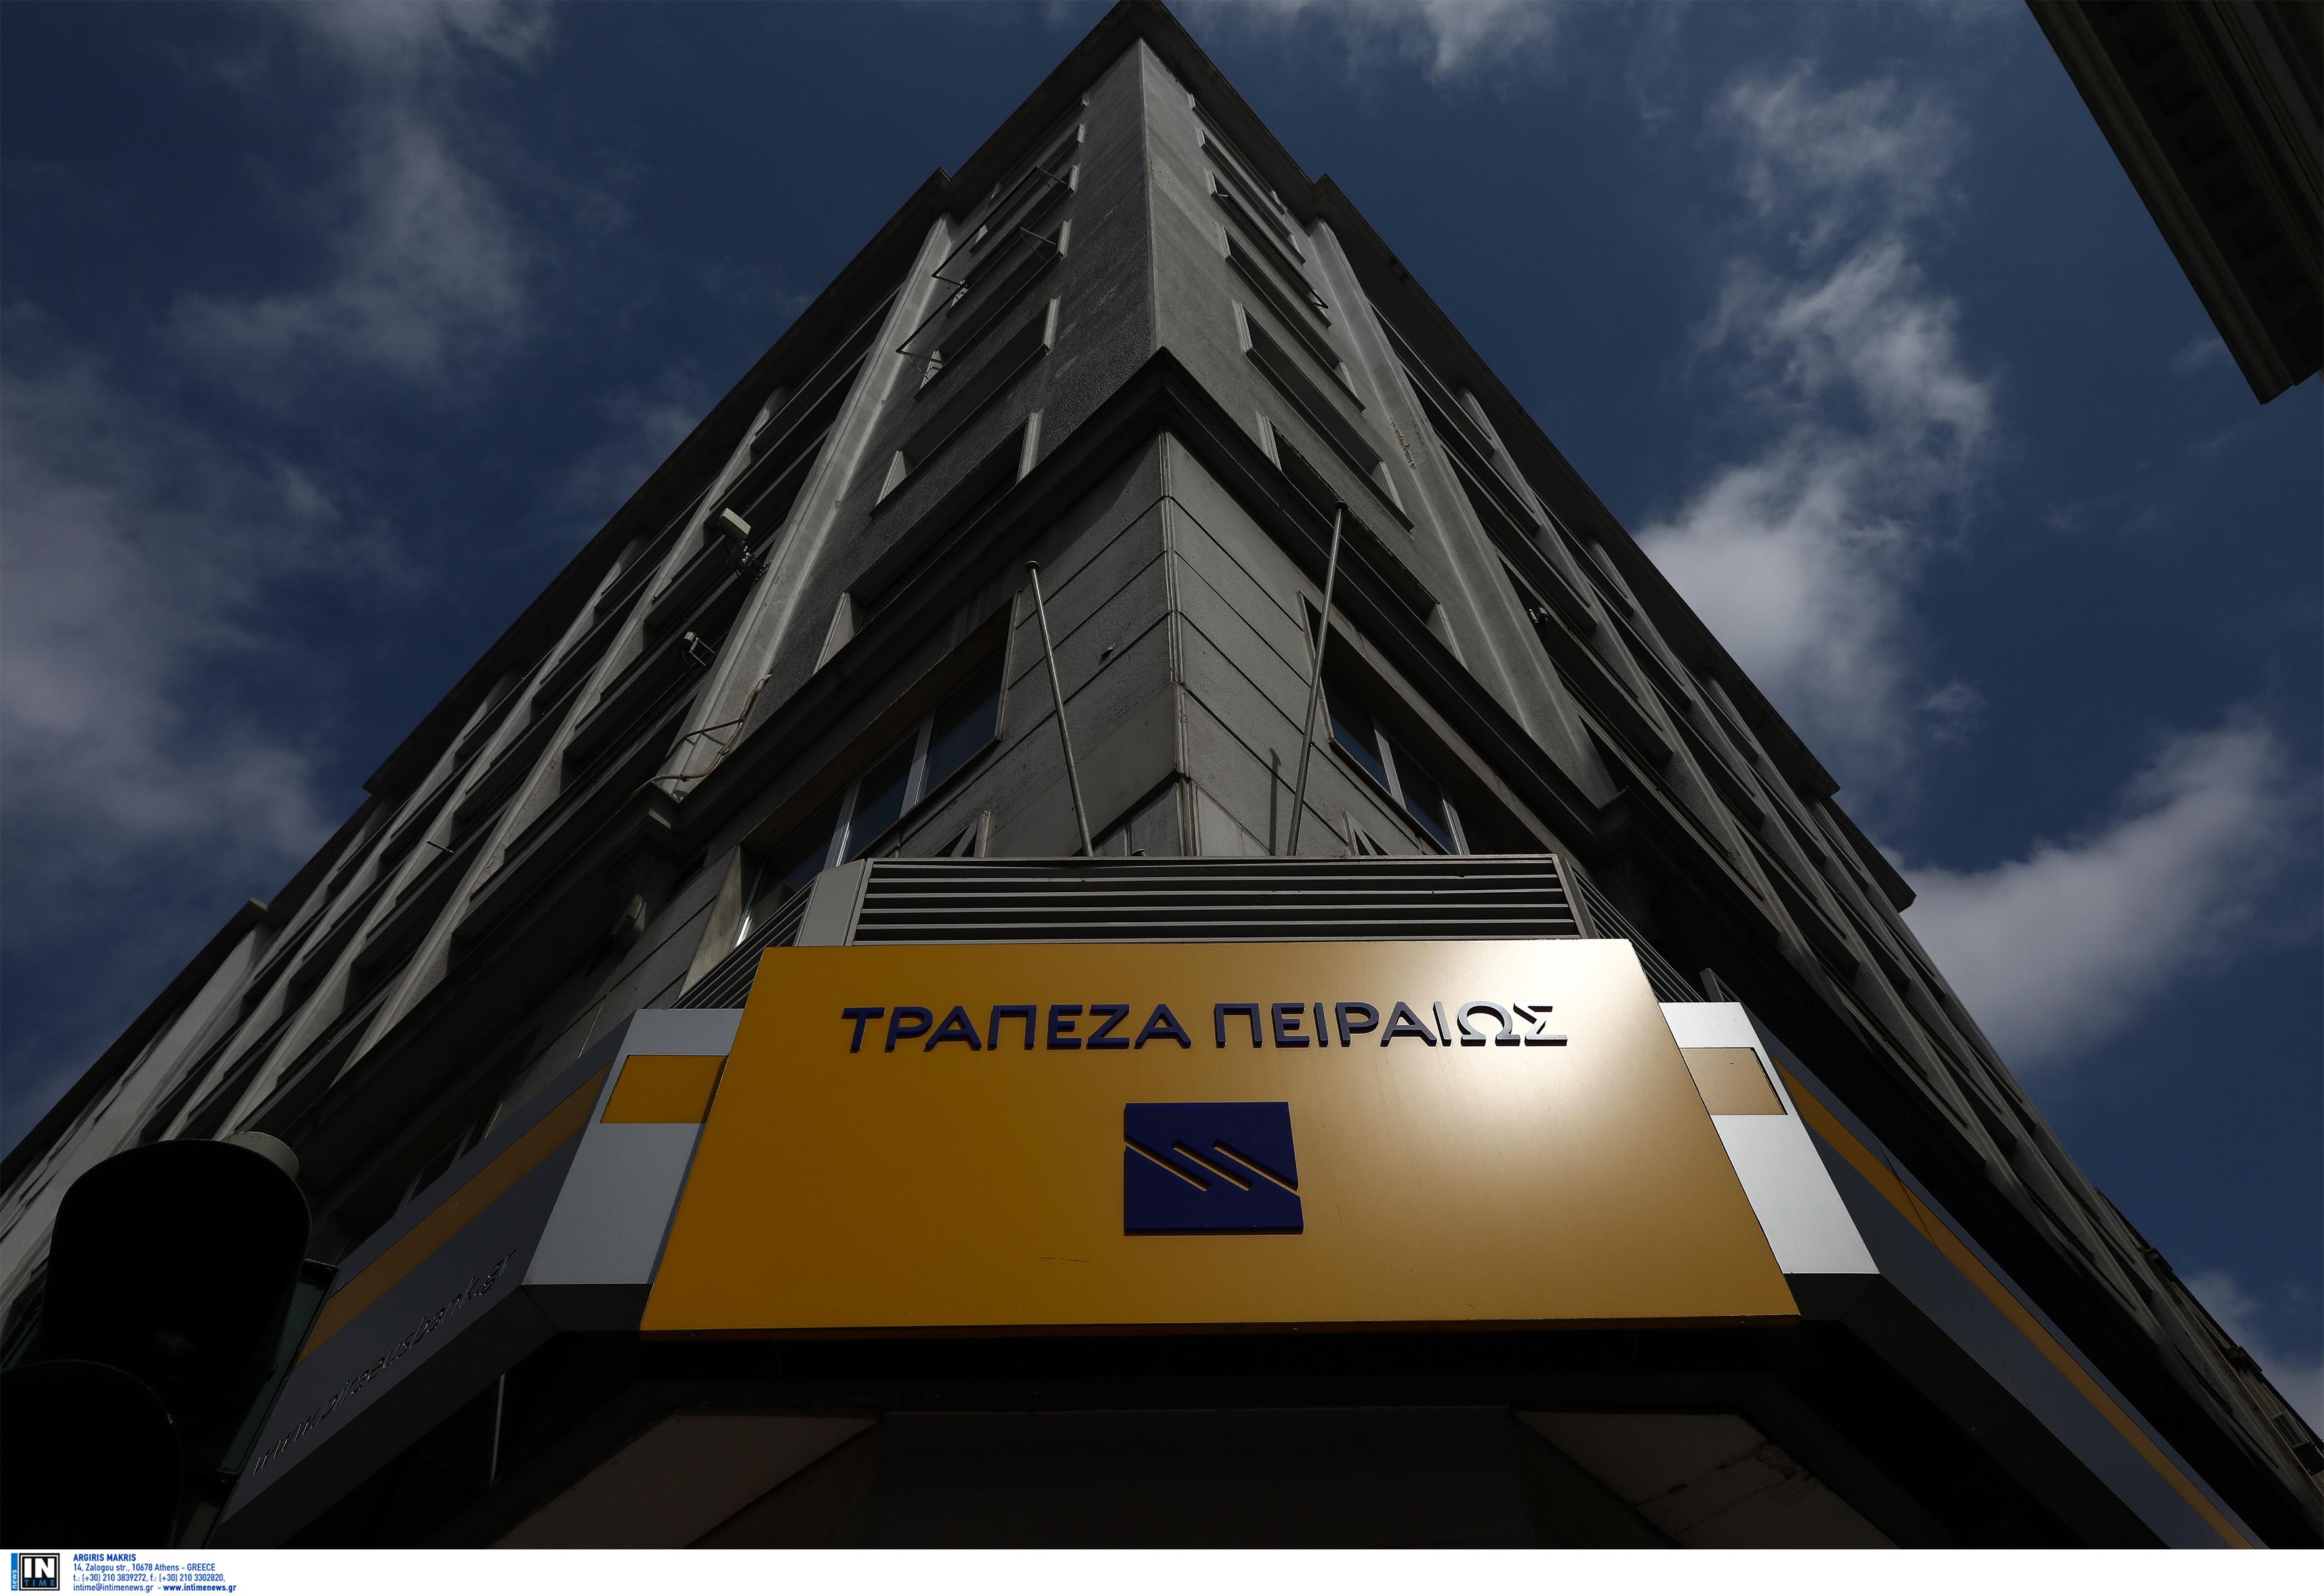 Τράπεζα Πειραιώς: Διευκρινήσεις για τις απολύσεις 24 εργαζομένων